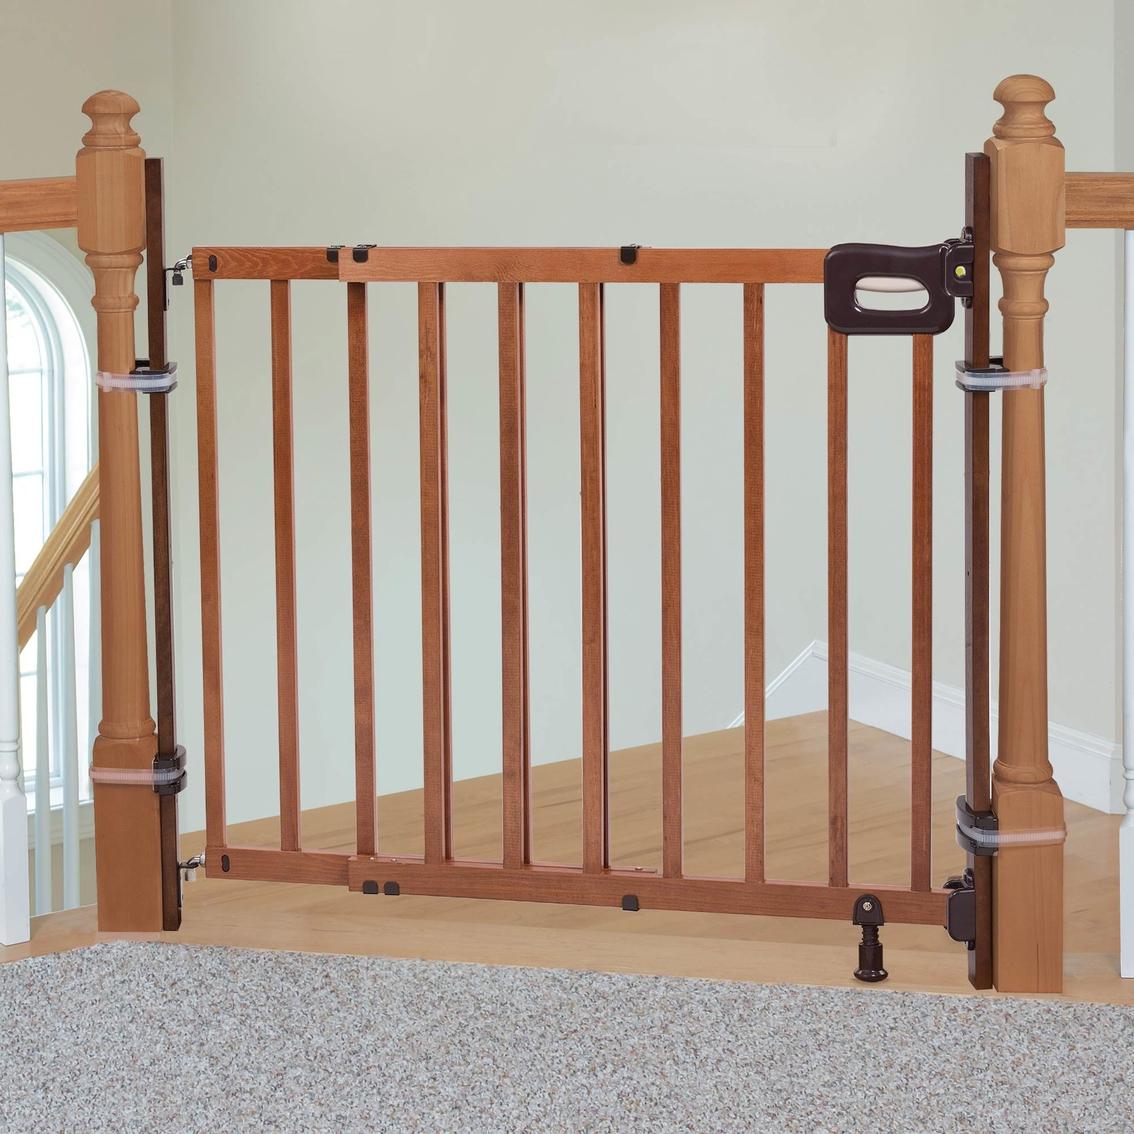 Summer Infant Banister To Banister Kit Safety Gates Baby Toys